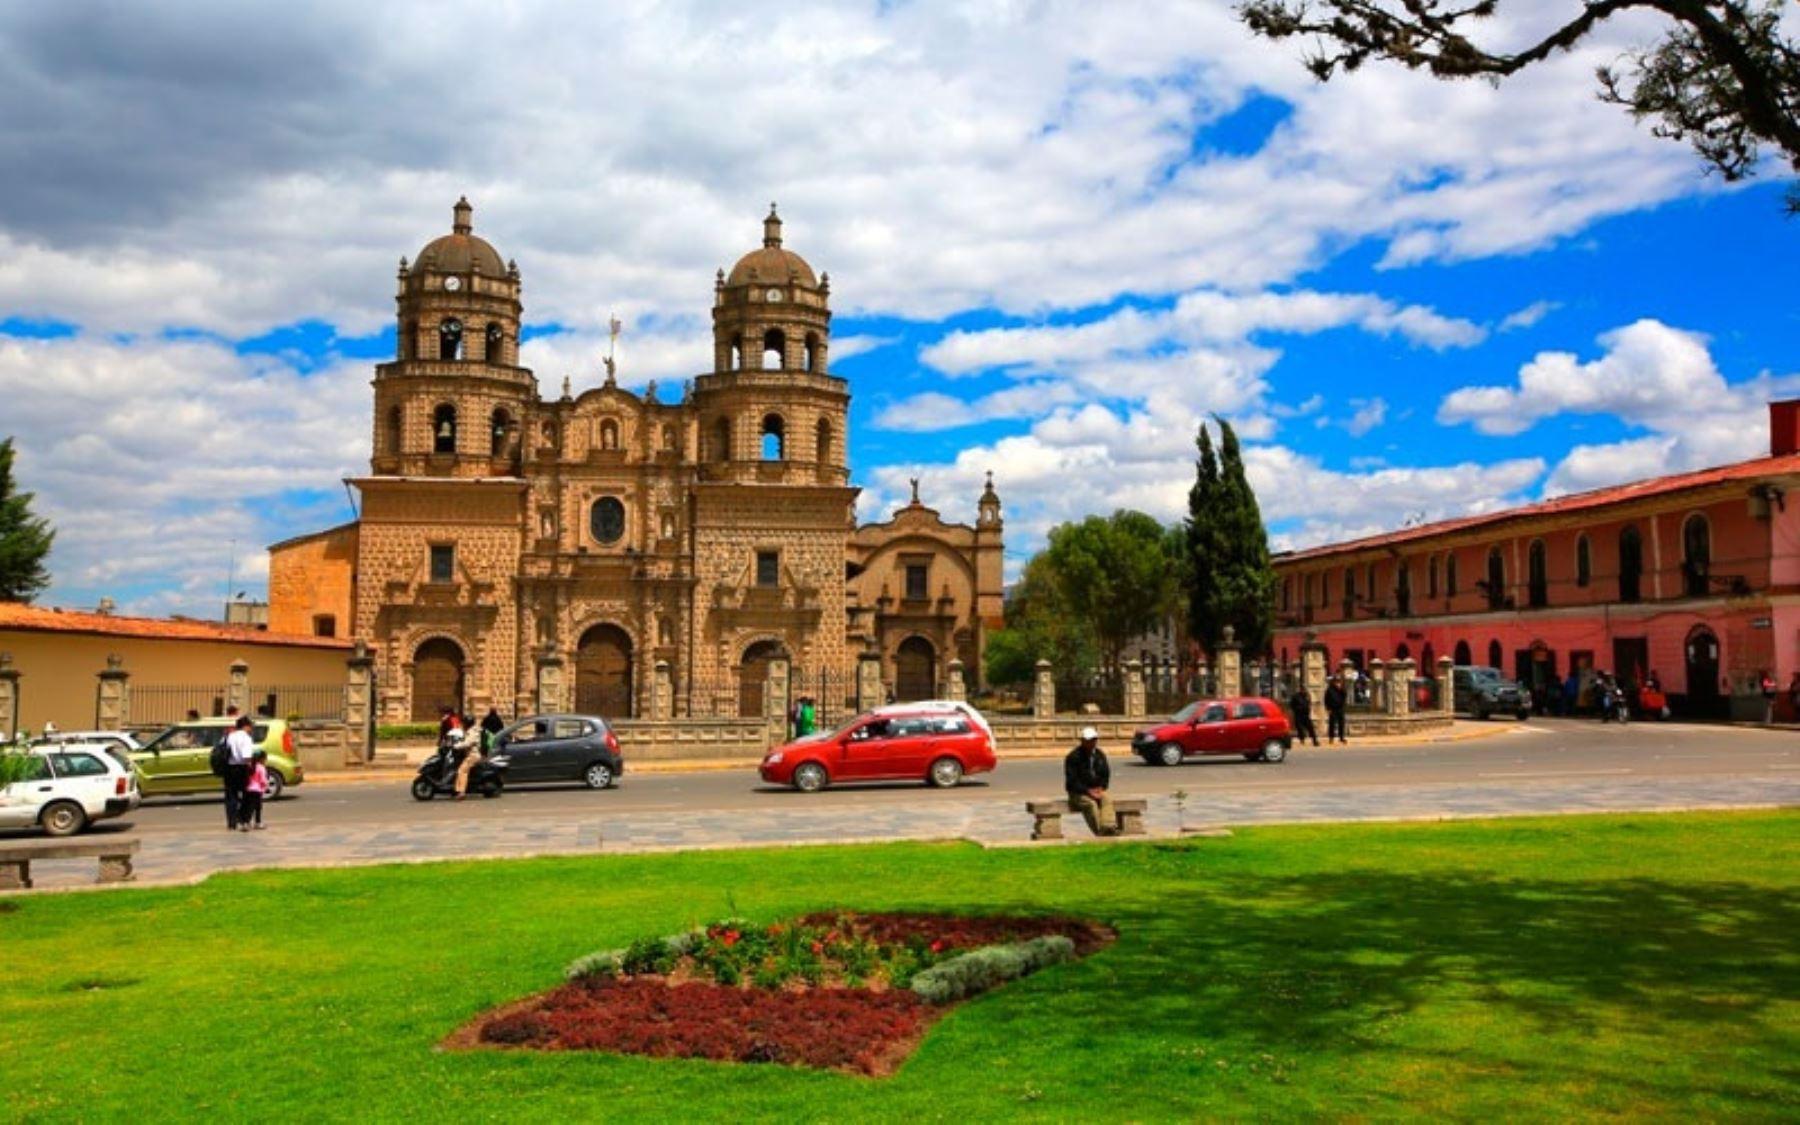 La ciudad de Cajamarca fue elegida como uno de los mejores 18 destinos del planeta para visitar este año por la cadena de noticias CNN de los Estados Unidos, que destaca su cultura expresada en la belleza arquitectónica de las edificaciones incaicas e iglesias católicas de estilo barroco, así como sus espectaculares paisajes andinos.